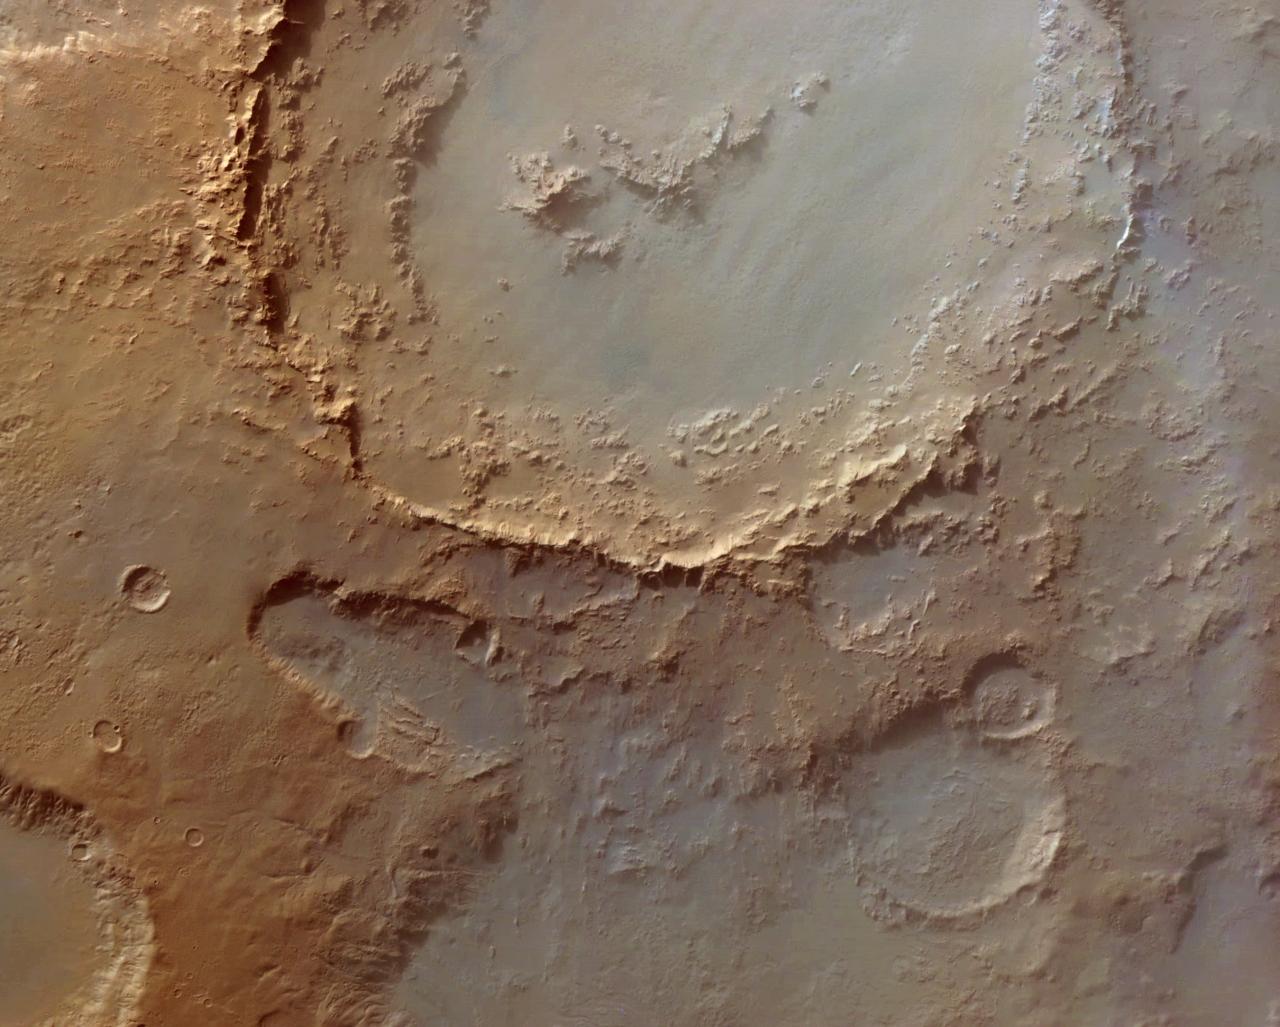 1567218053225-Hale_Crater-wallpaper.jpg